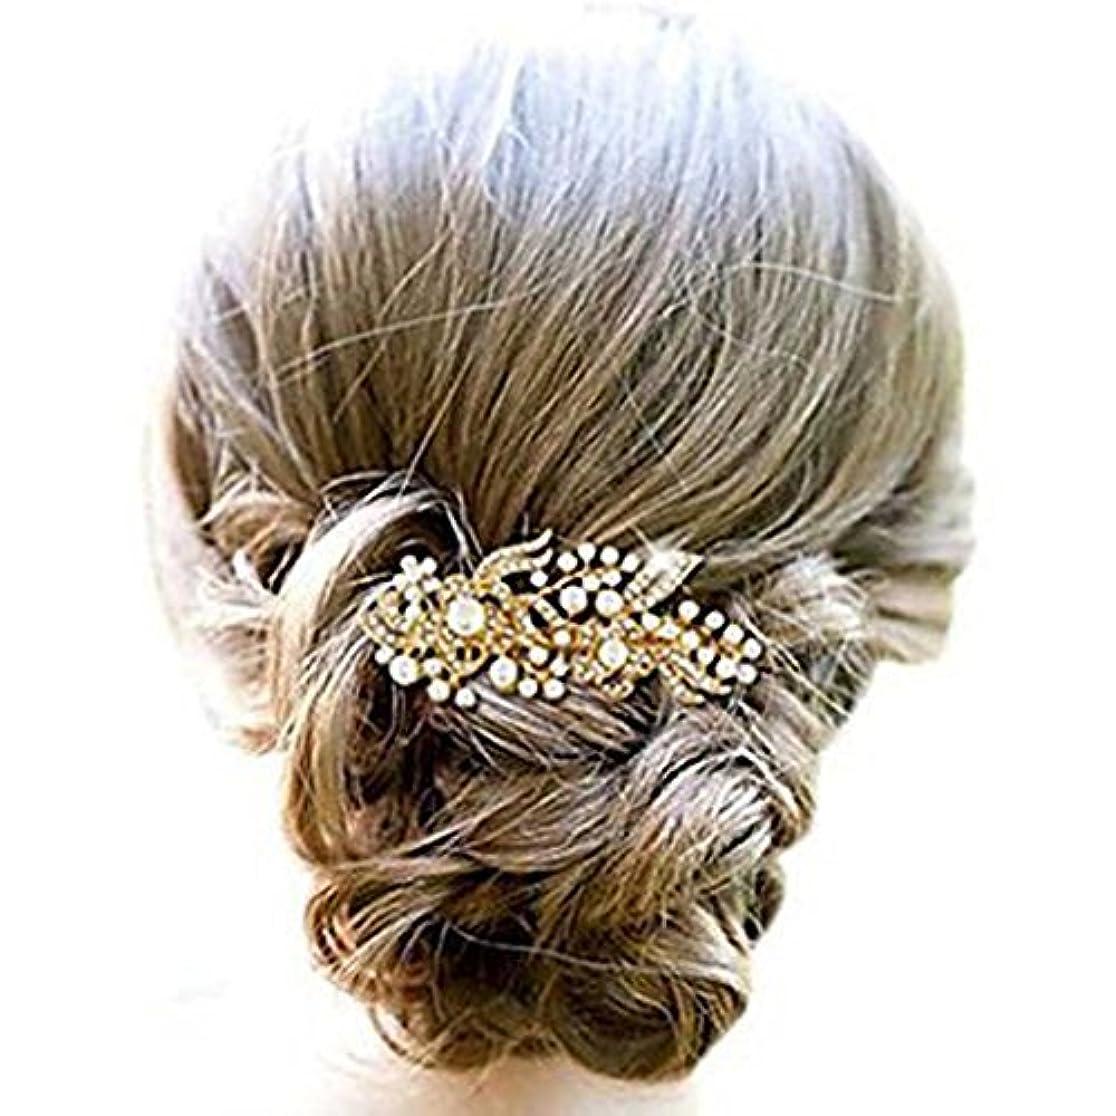 気絶させる欠員沿ってJovono Bride Wedding Comb Crystal Bridal Hair Accessory Pearl Headpieces for Women and Girls (Gold) [並行輸入品]